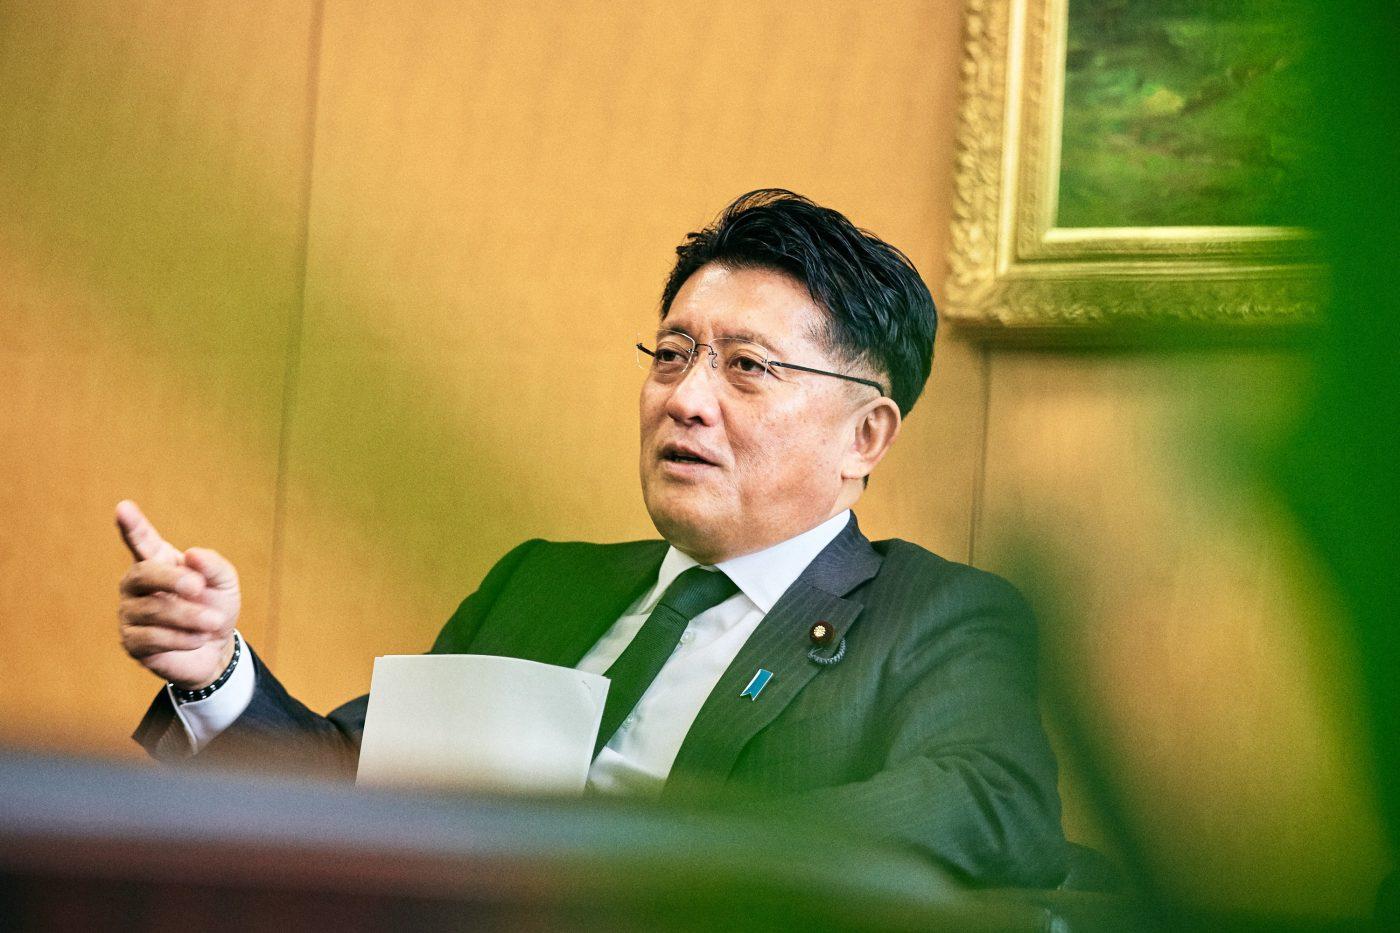 最近では海外の人のピッチを受けることも多いという平井氏。超高速で高齢化が進み未曾有の少子高齢化を迎える日本は、世界の課題先進国でもある。